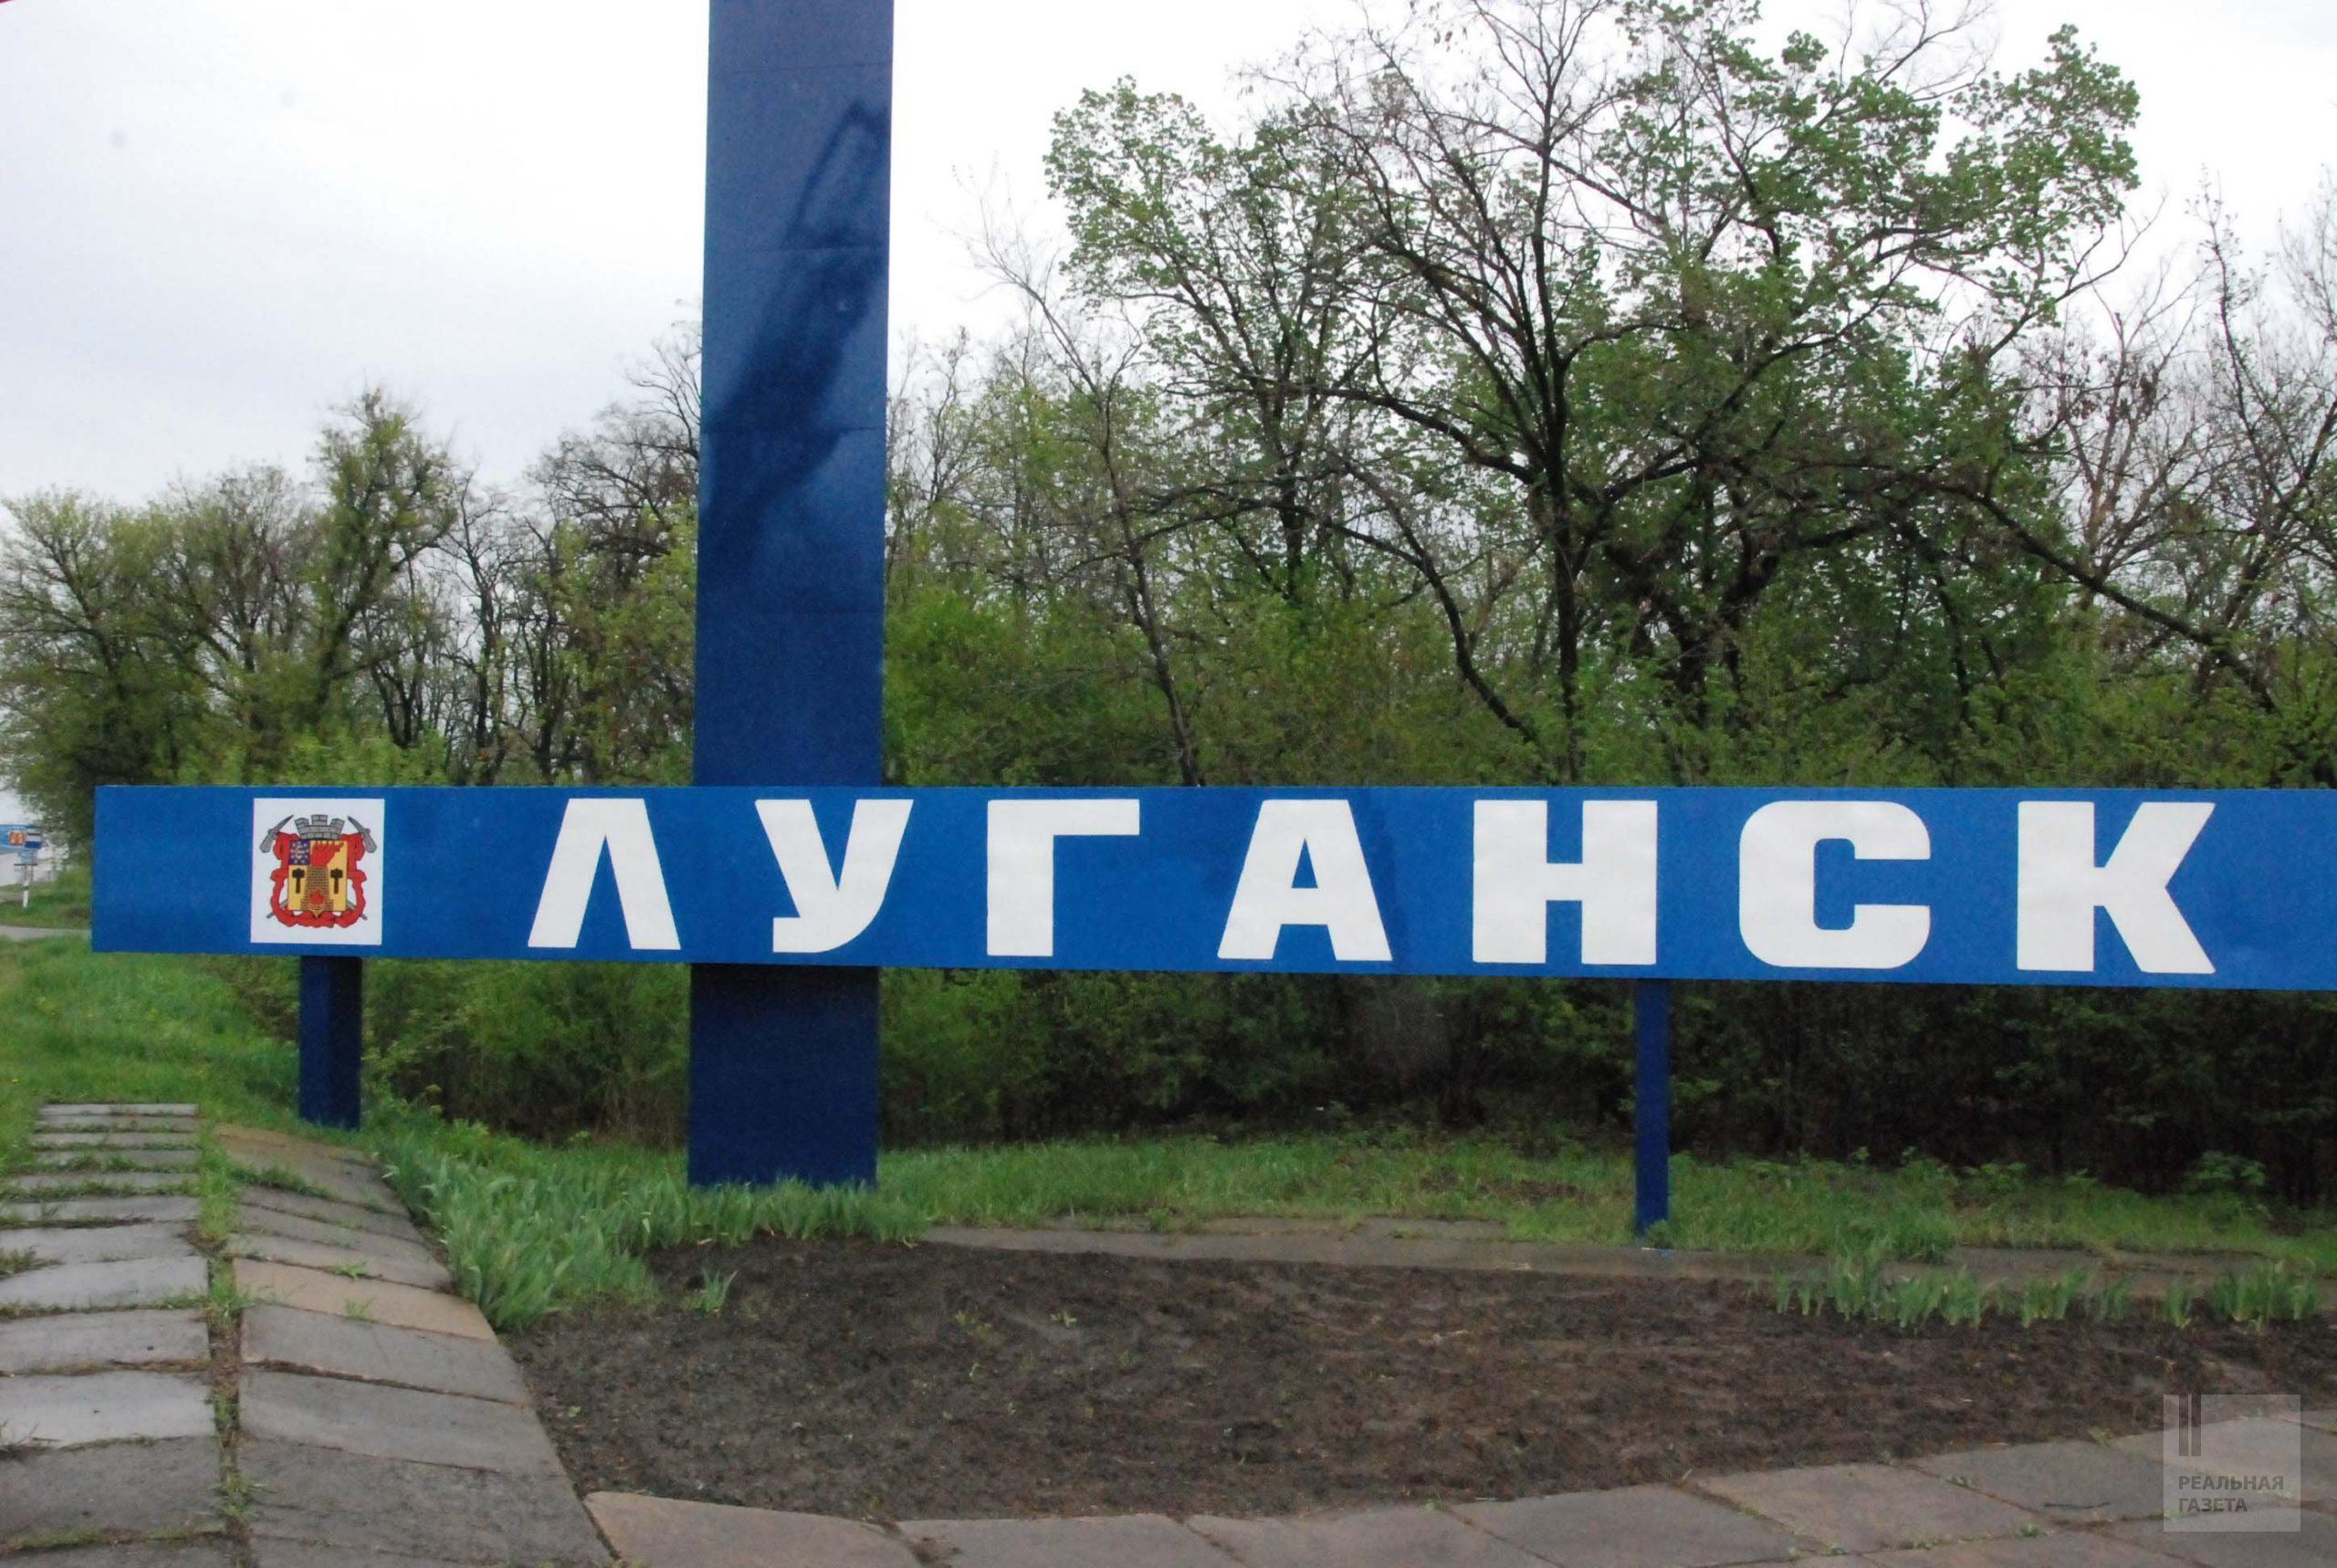 Стелу на въезде в Луганск покрасили в синий цвет (ФОТО)